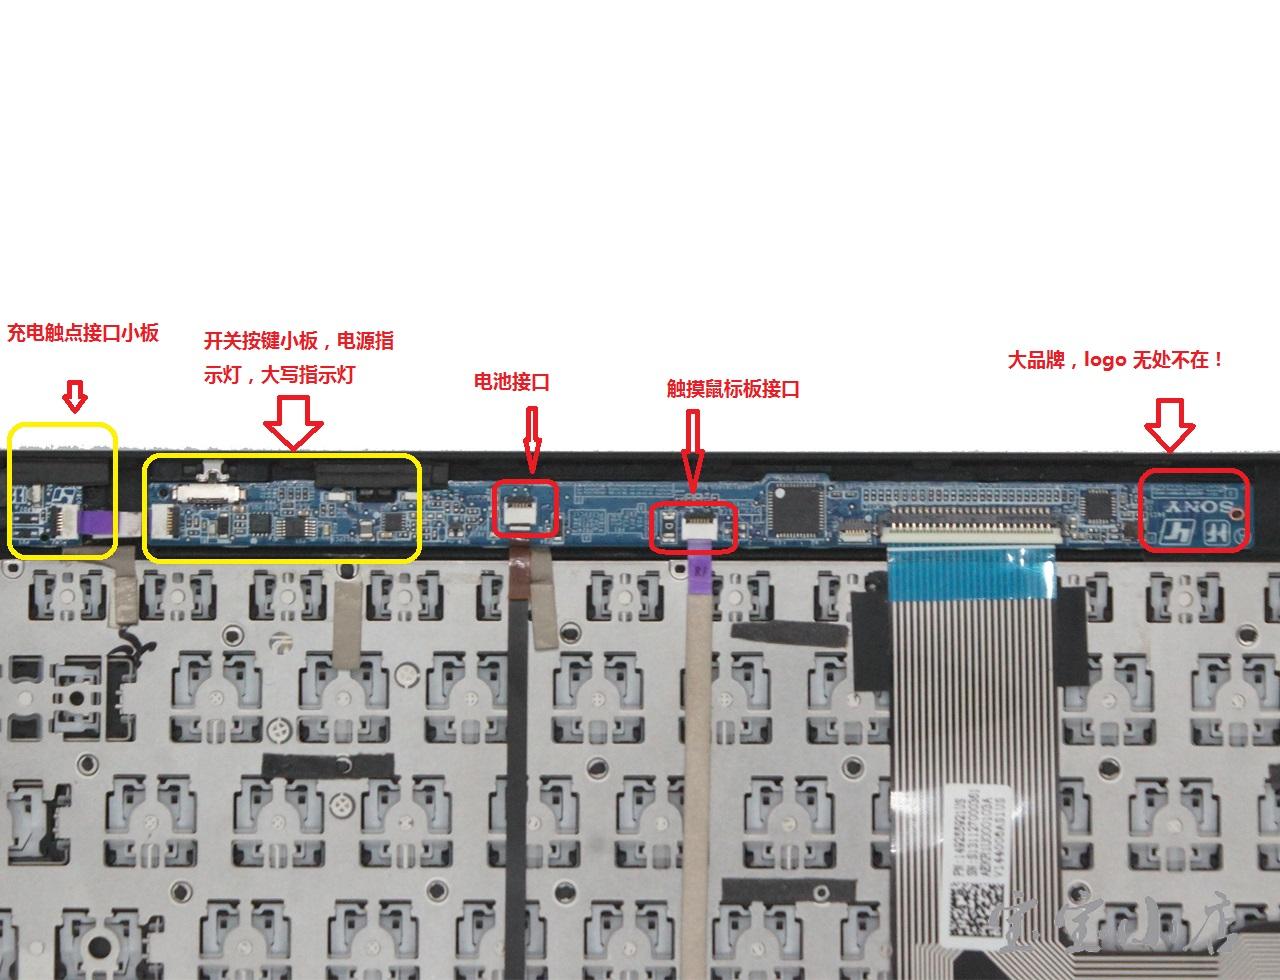 索尼SONY VGP-WKB16 A SVT112 TAP11 平板电脑键盘 蓝牙无线 拆解